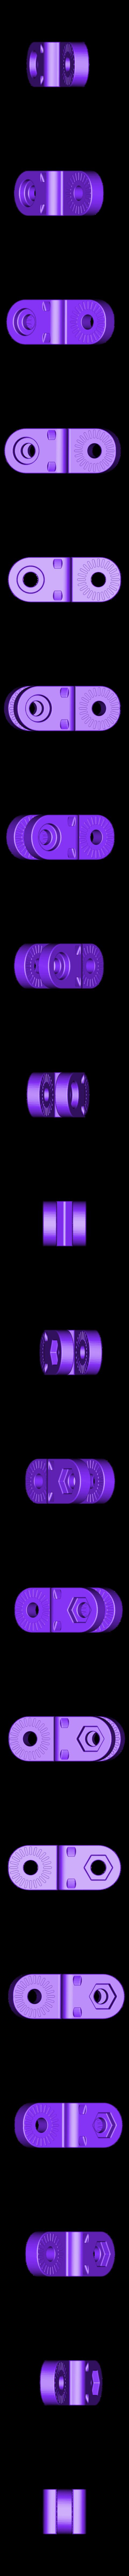 mfLink.STL Télécharger fichier STL gratuit Monture de caméra articulée Raspberry Pi pour Prusa MK3 • Design à imprimer en 3D, sneaks